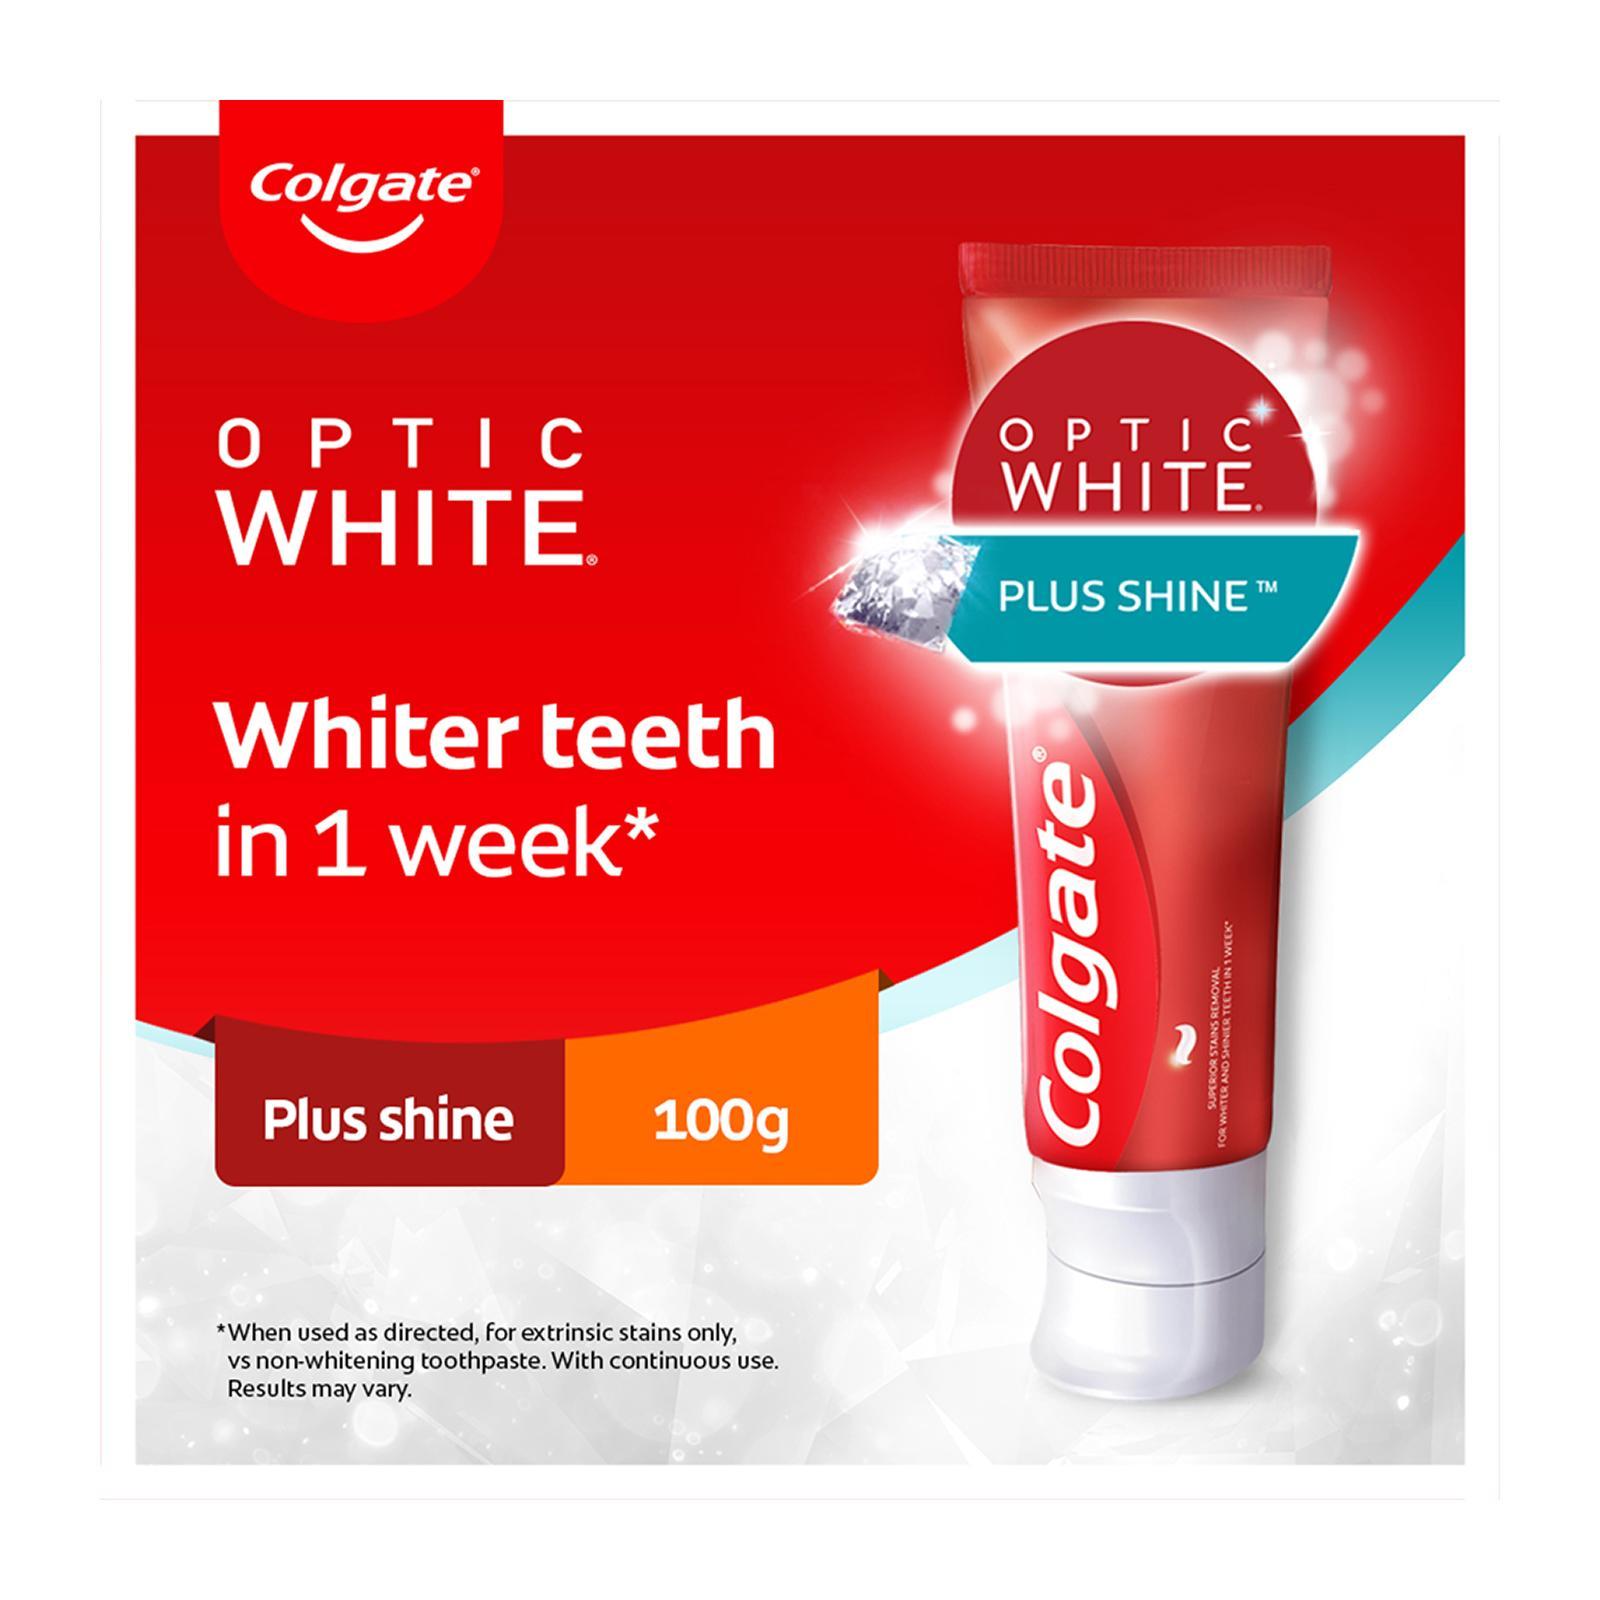 Colgate Optic White Plus Shine Whitening Toothpaste 100g